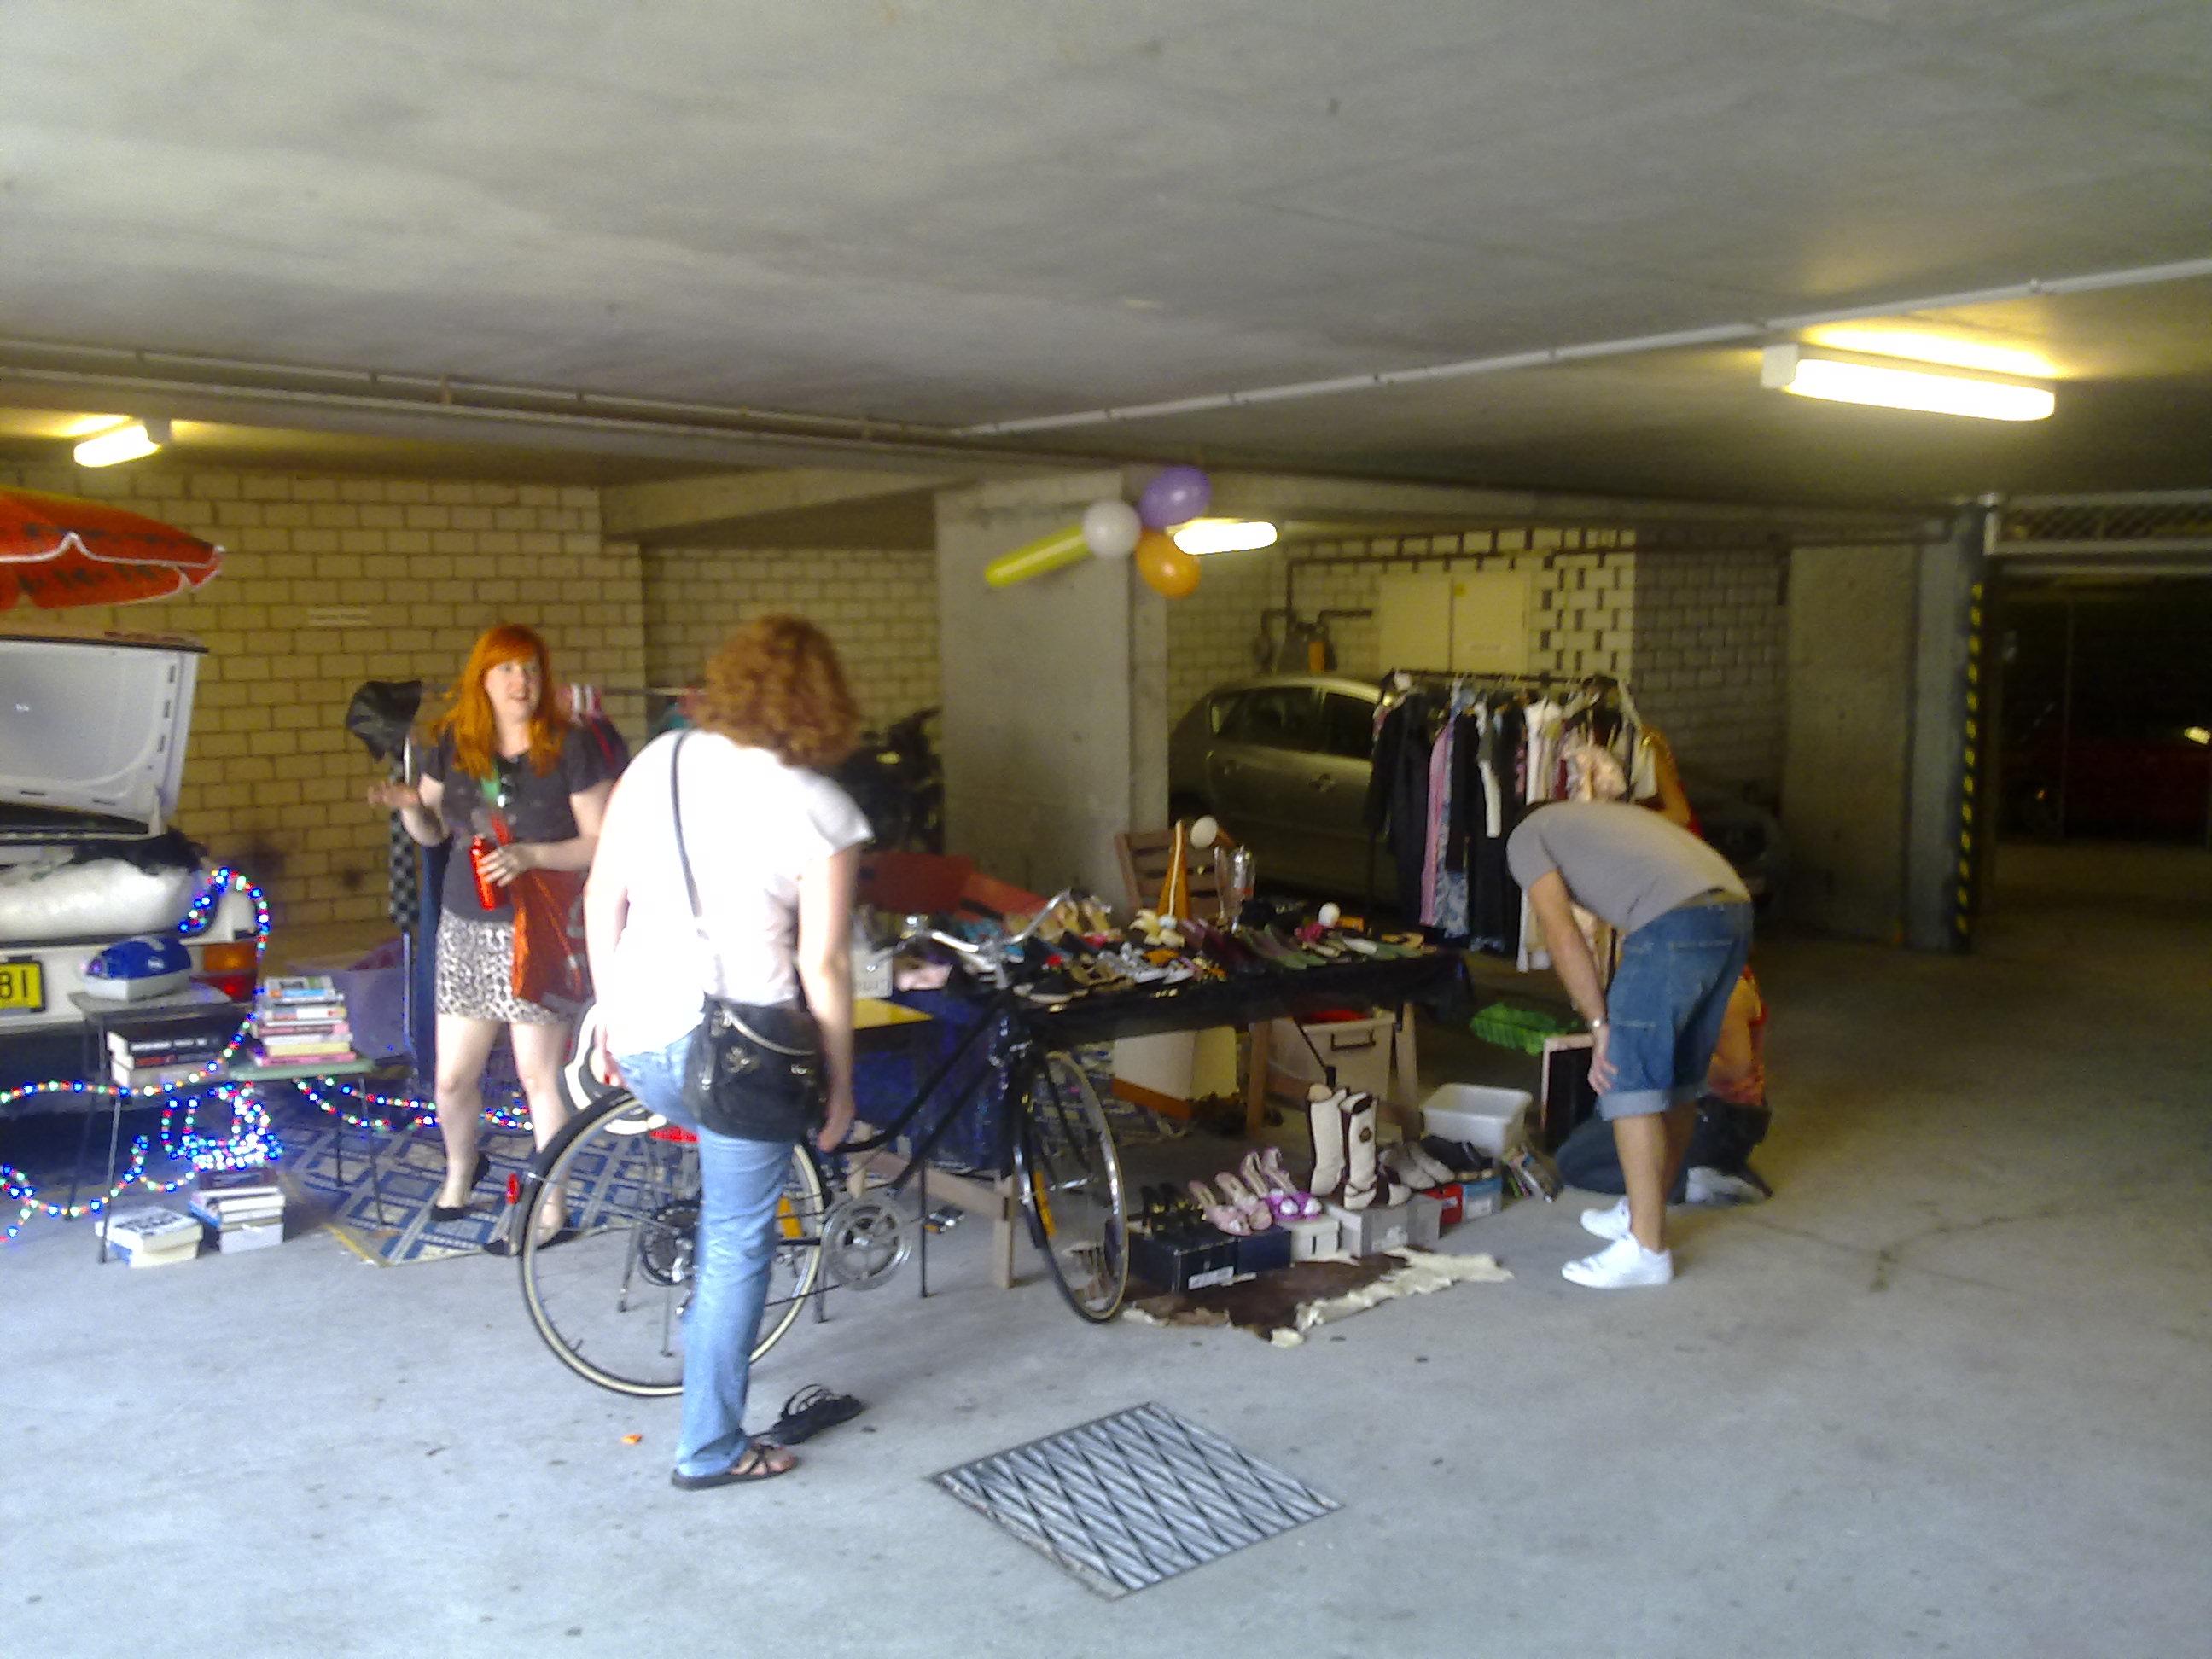 Downstairs garage sale